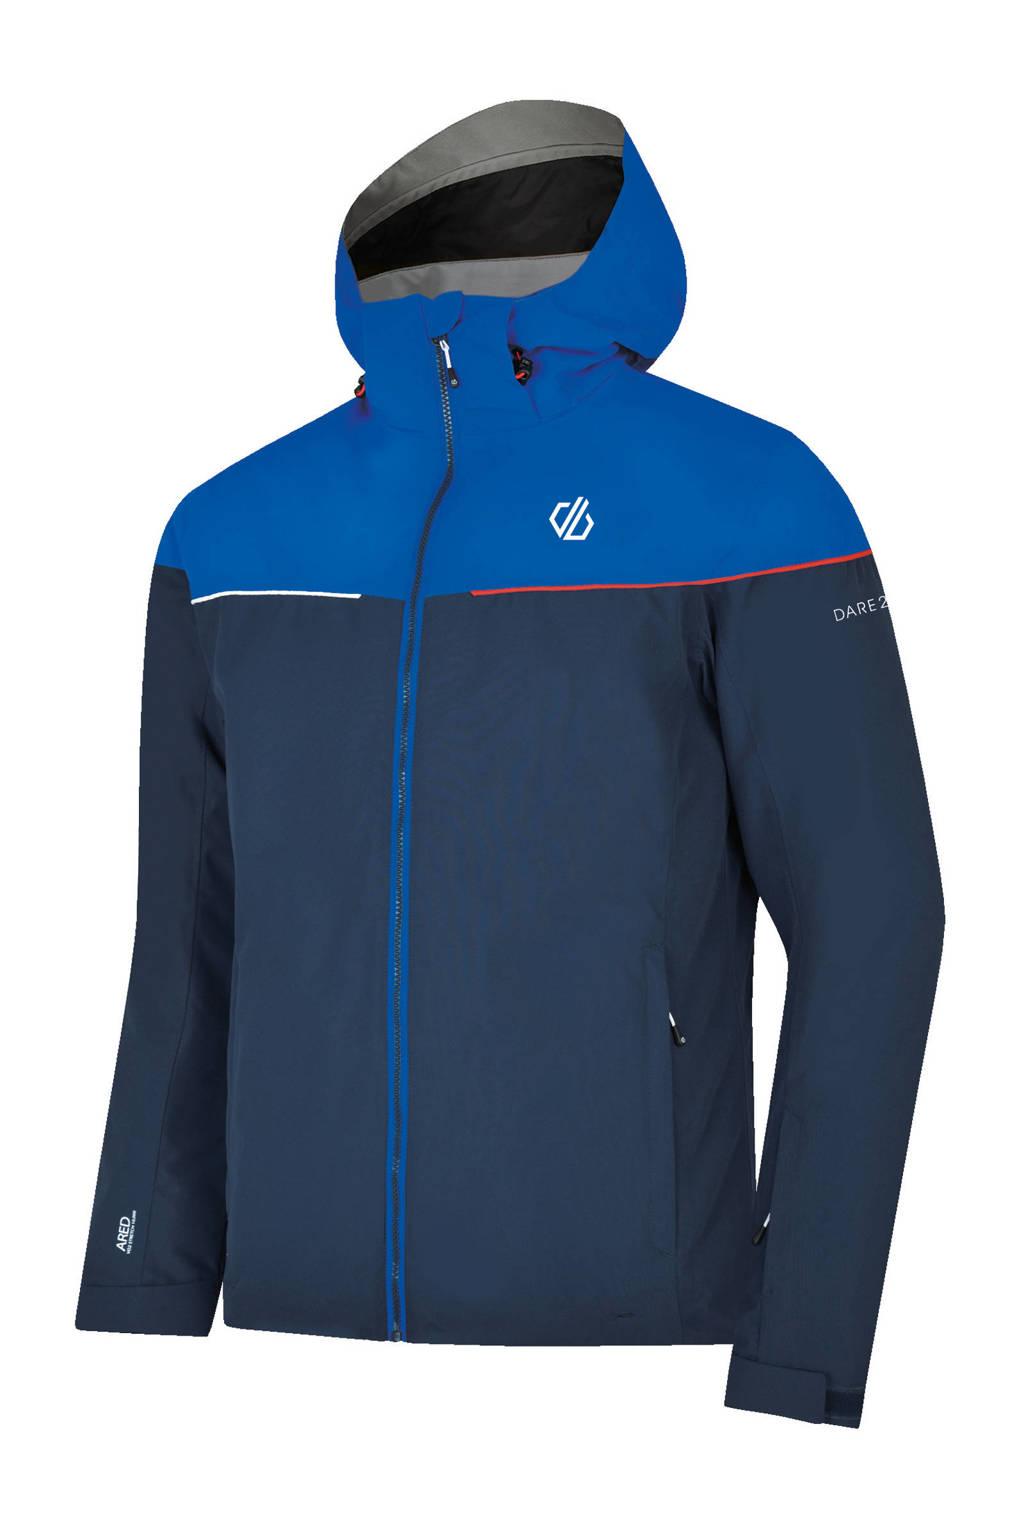 Dare2B ski-jack donkerblauw/blauw, Donkerblauw/blauw